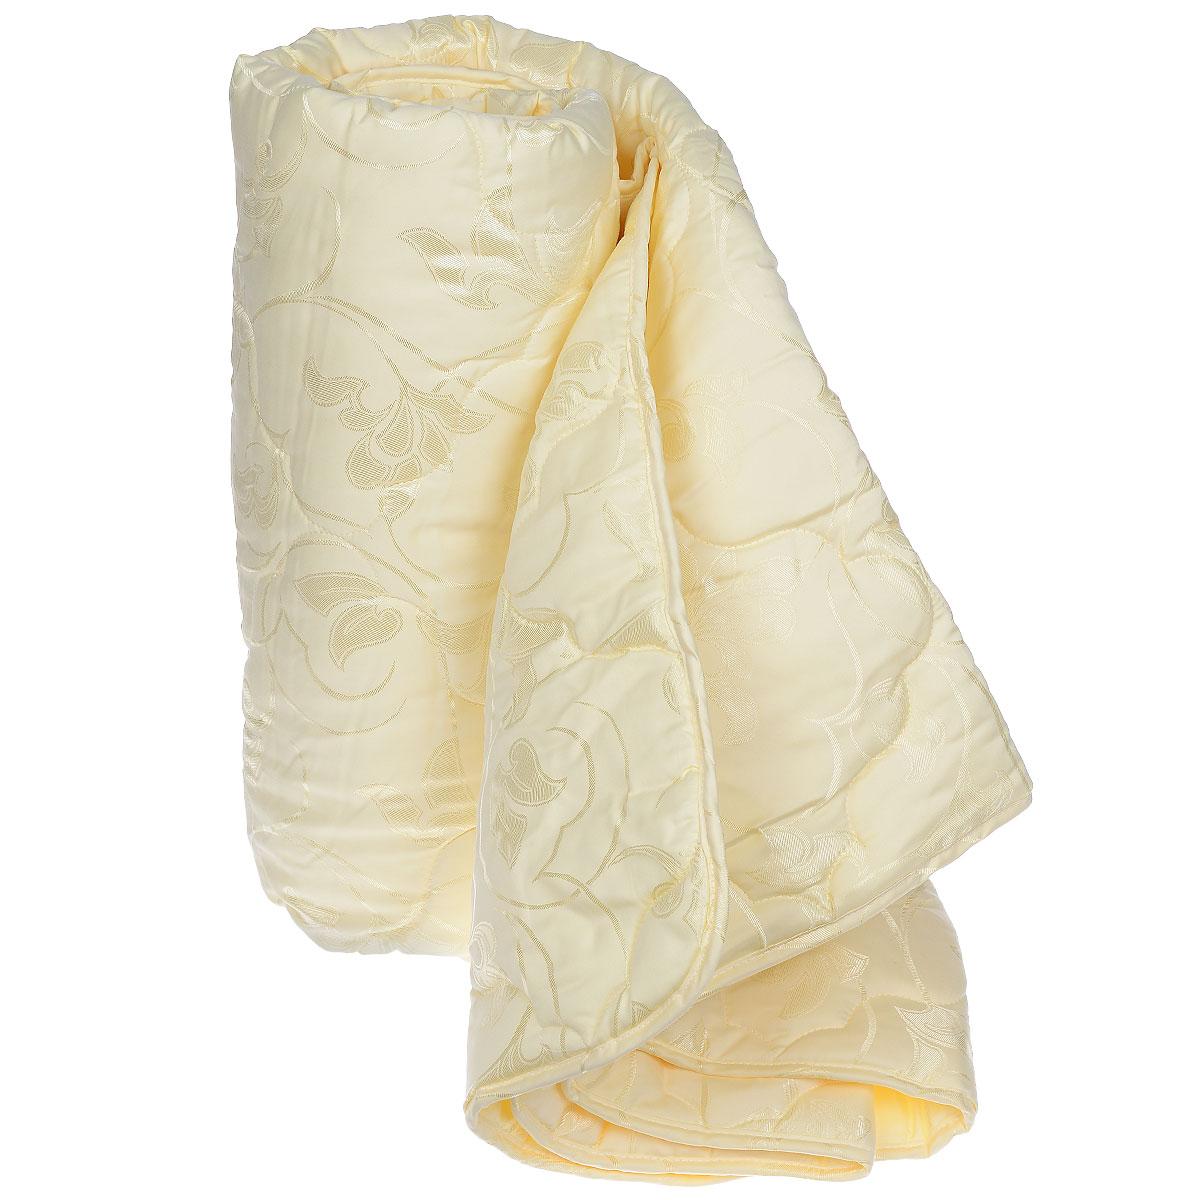 Одеяло Sova & Javoronok, наполнитель: шелковое волокно, цвет: бежевый, 140 х 205 см10503Чехол одеяла Sova & Javoronok выполнен из благородного сатина бежевого цвета.Наполнитель - натуральное шелковое волокно.Особенности наполнителя: - обладает высокими сорбционными свойствами, создавая эффект сухого тепла; - регулирует температурный режим; - не вызывает аллергических реакций.Шелк всегда считался одним из самых элитных и роскошных материалов. Очень нежный, легкий,шелк отлично приспосабливается к температуре тела и окружающей среды. Летом с подушкойиз шелка вы чувствуете прохладу, зимой - приятное тепло. В натуральном шелке не заводится ине живет пылевой клещ, также шелк обладает бактериостатическими свойствами (в нем неразмножаются патогенные бактерии), в нем не живут и не размножаются грибки и сапрофиты.Натуральный шелк гипоаллергенен и рекомендован людям с аллергическими реакциями. Привпитывании шелком влаги до 30% от собственного веса он остается сухим на ощупь.Натуральный шелк не электризуется. Одеяло Sova & Javoronok упакована в тканно-пластиковый чехол на змейке с ручками, чтоявляется чрезвычайно удобным при переноске.Рекомендации по уходу:- Стирка запрещена,- Нельзя отбеливать. При стирке не использовать средства, содержащие отбеливатели (хлор),- Не гладить. Не применять обработку паром,- Химчистка с использованием углеводорода, хлорного этилена,- Нельзя выжимать и сушить в стиральной машине. Размер одеяла: 140 см х 205 см.Материал чехла: сатин (100% хлопок). Материал наполнителя: шелковое волокно.